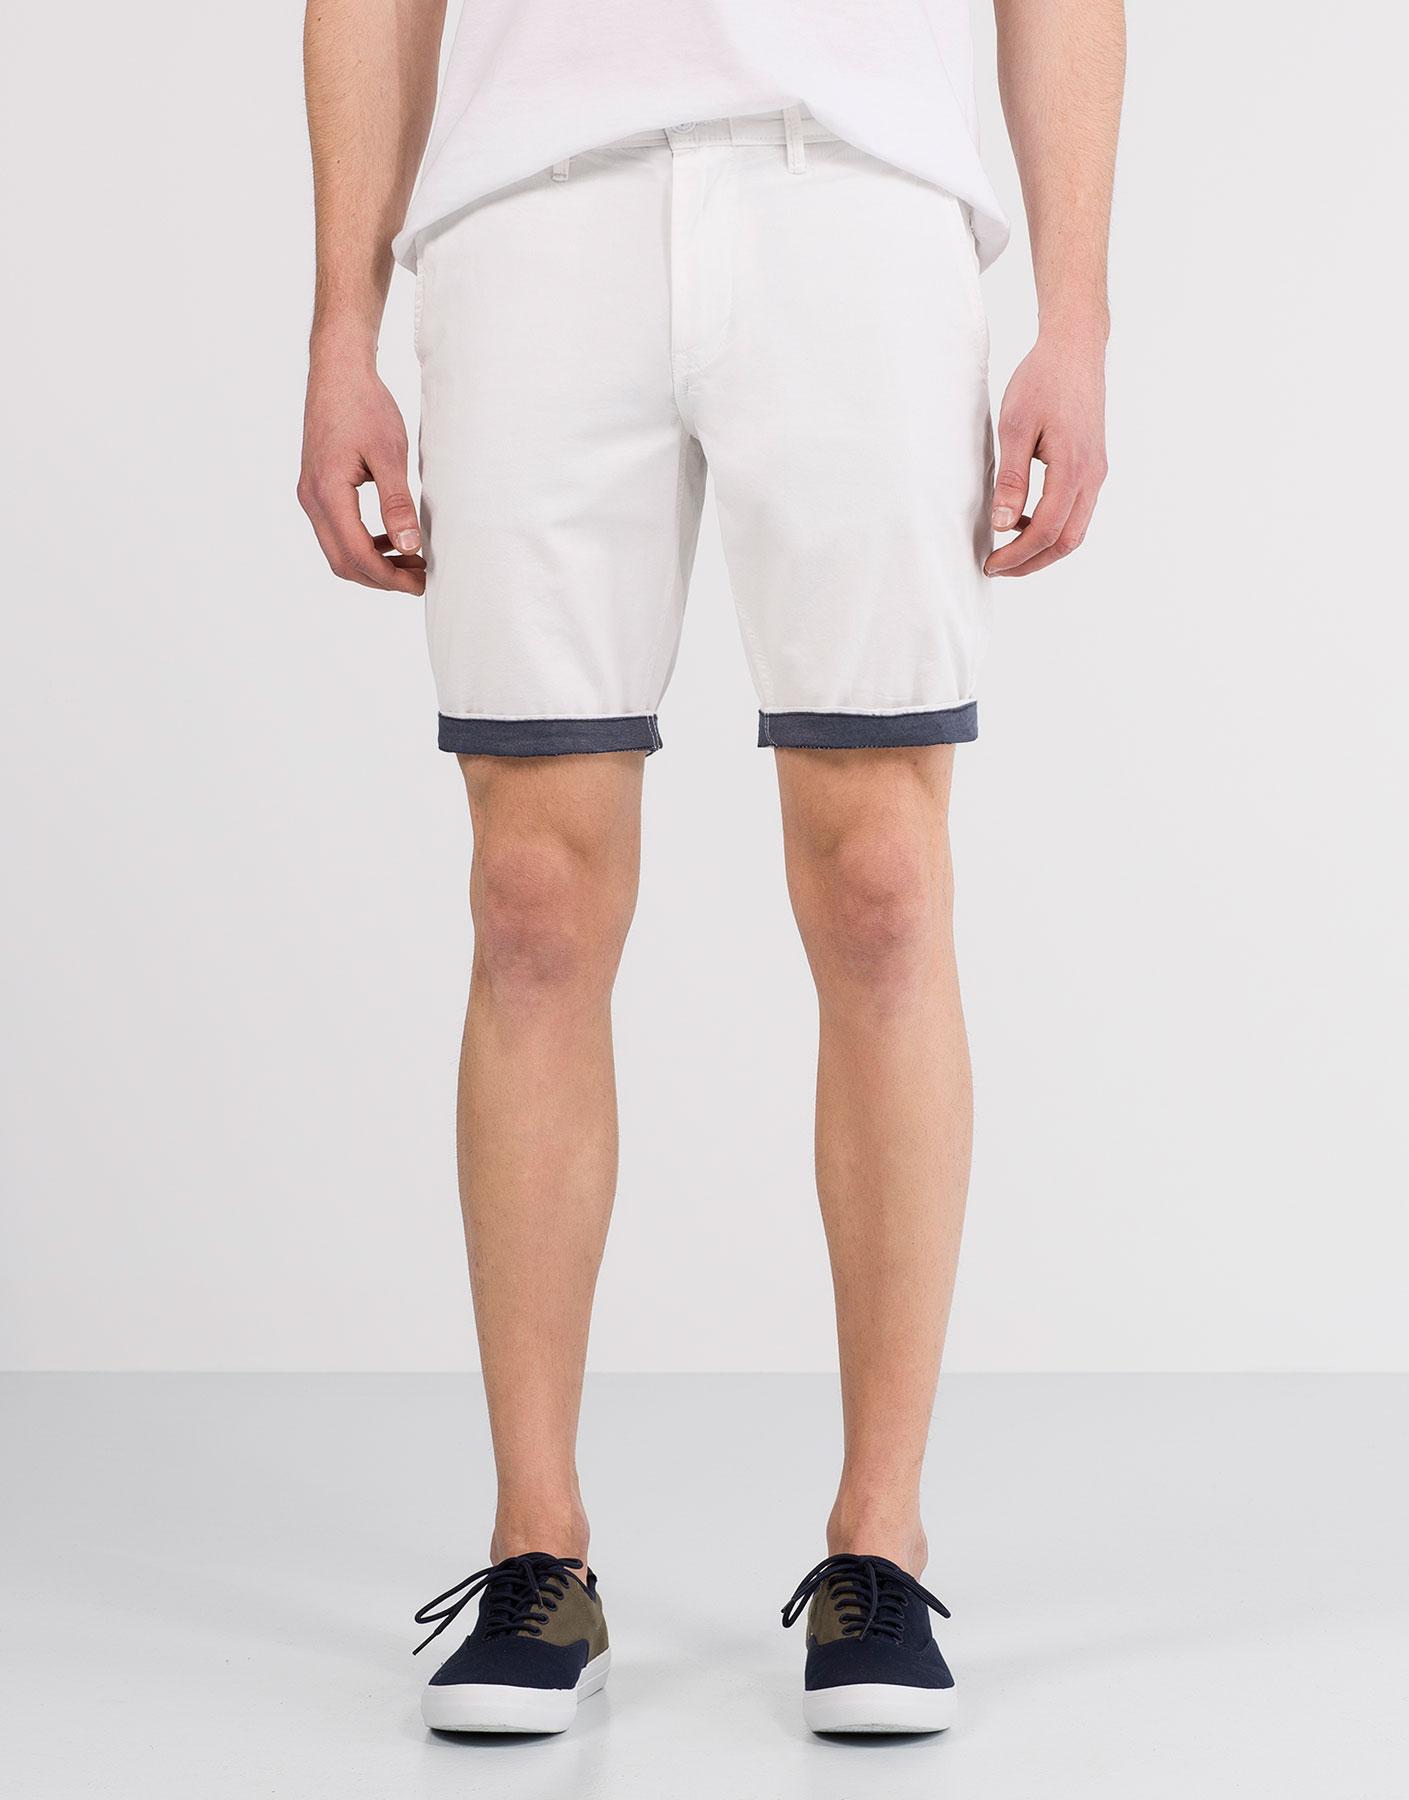 Chino style bermuda shorts